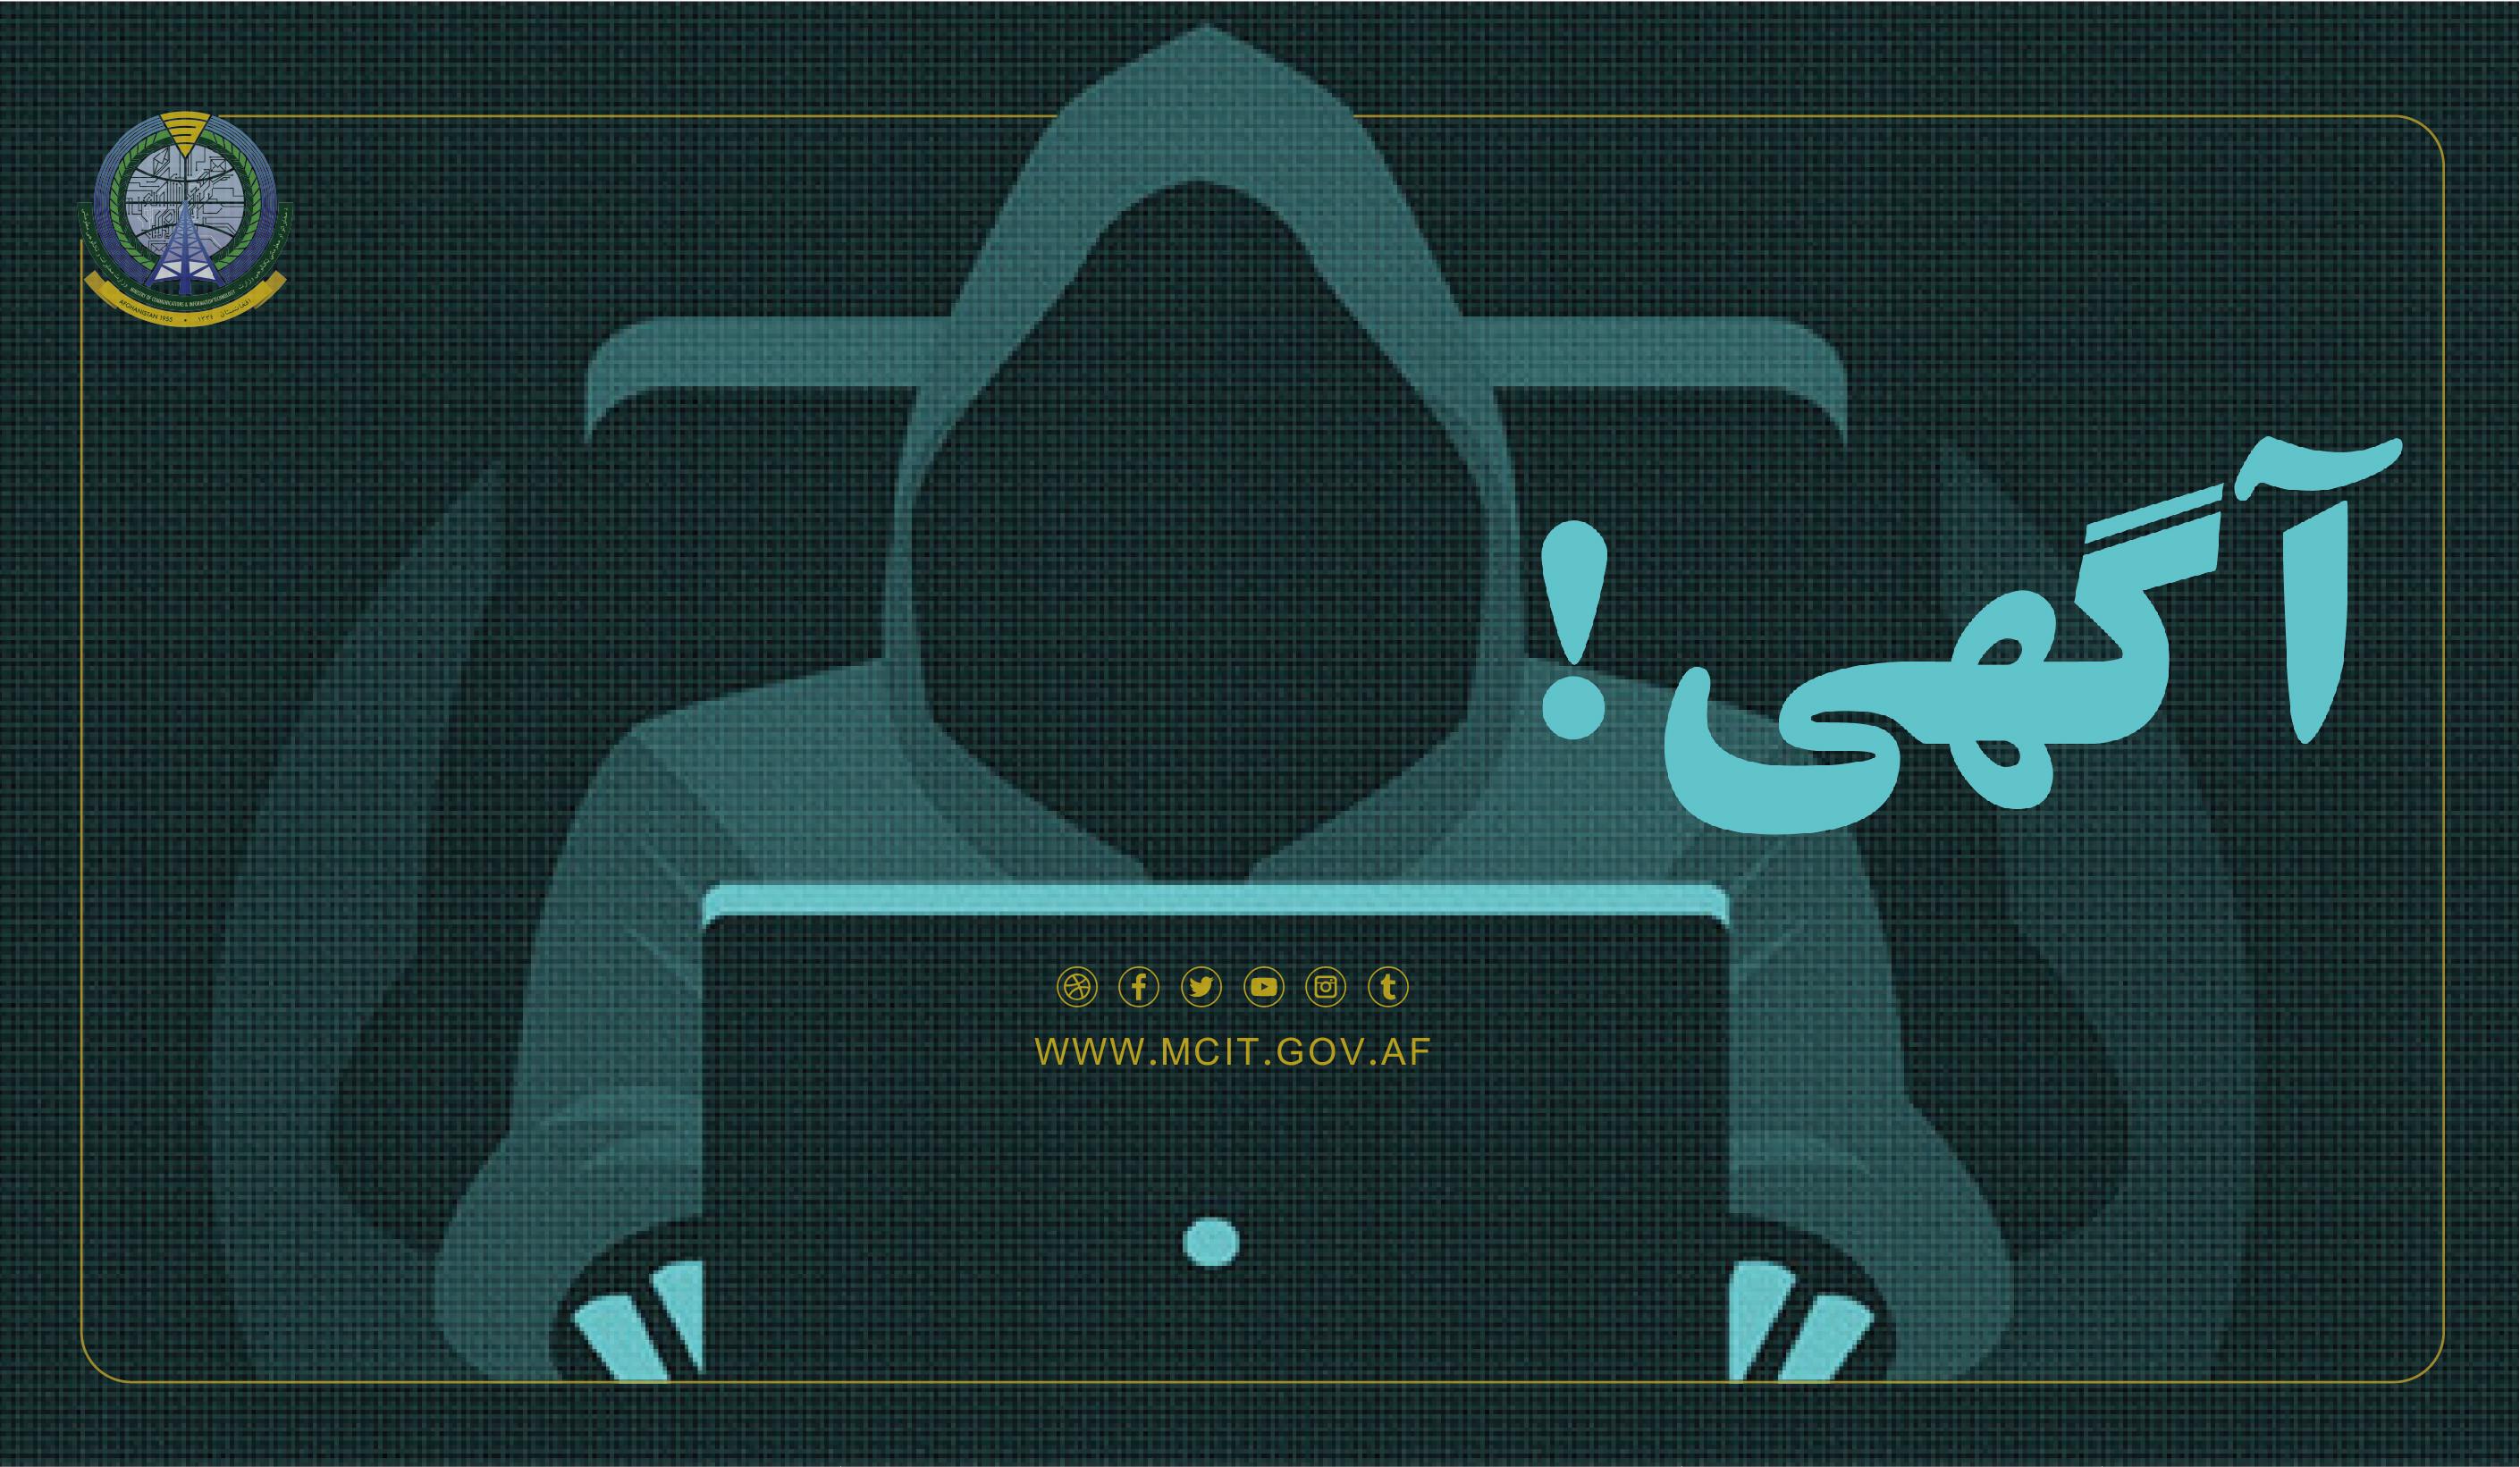 آگاهی سایبری